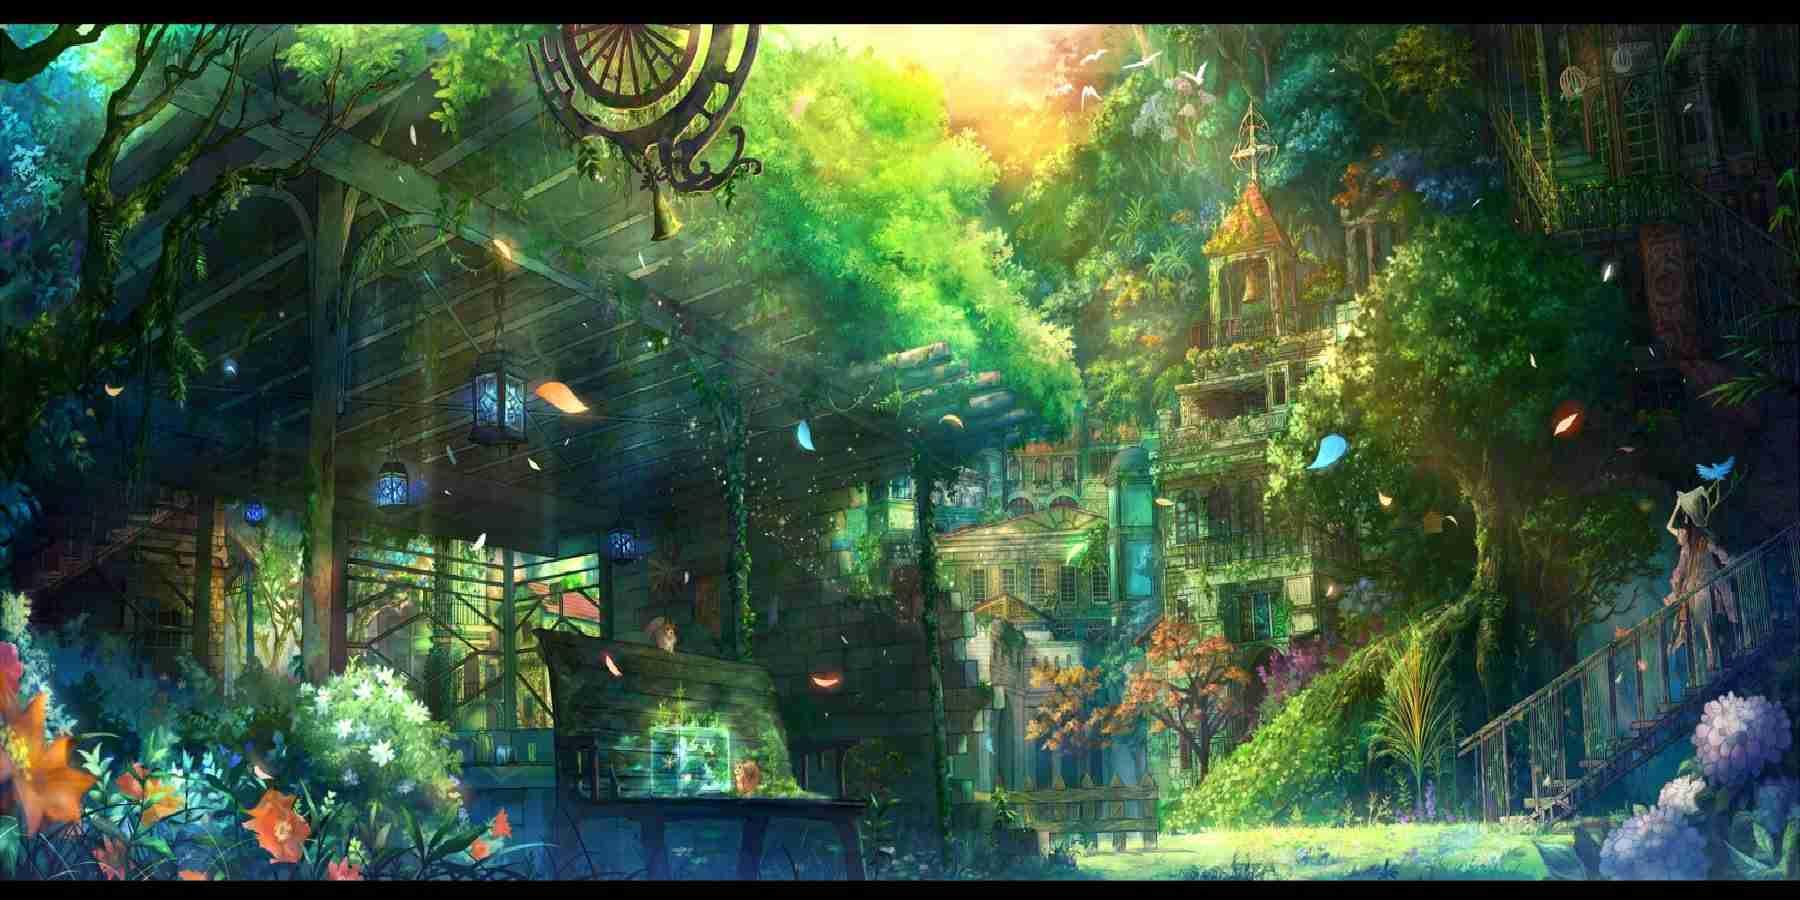 【癒し効果】幻想的な世界、ファンタジー系音楽【作業用BGM】~ Fantastic music ~ - YouTube